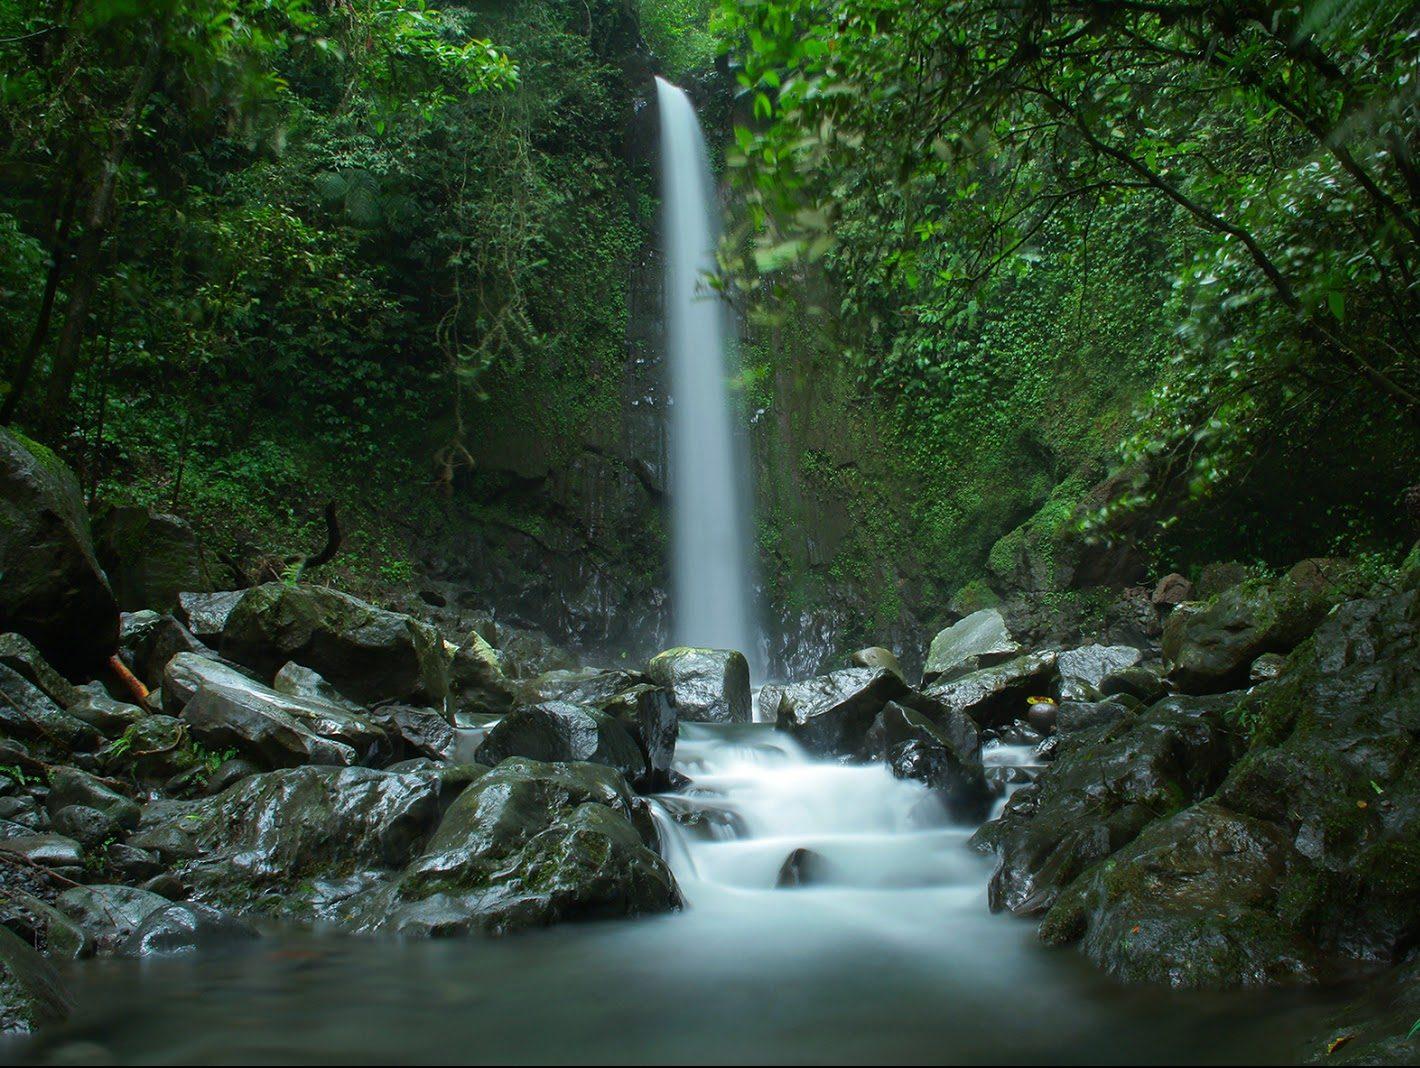 Air Terjun Titian Batu Kawangan Lombok Tengah Pantai Lokok Piko